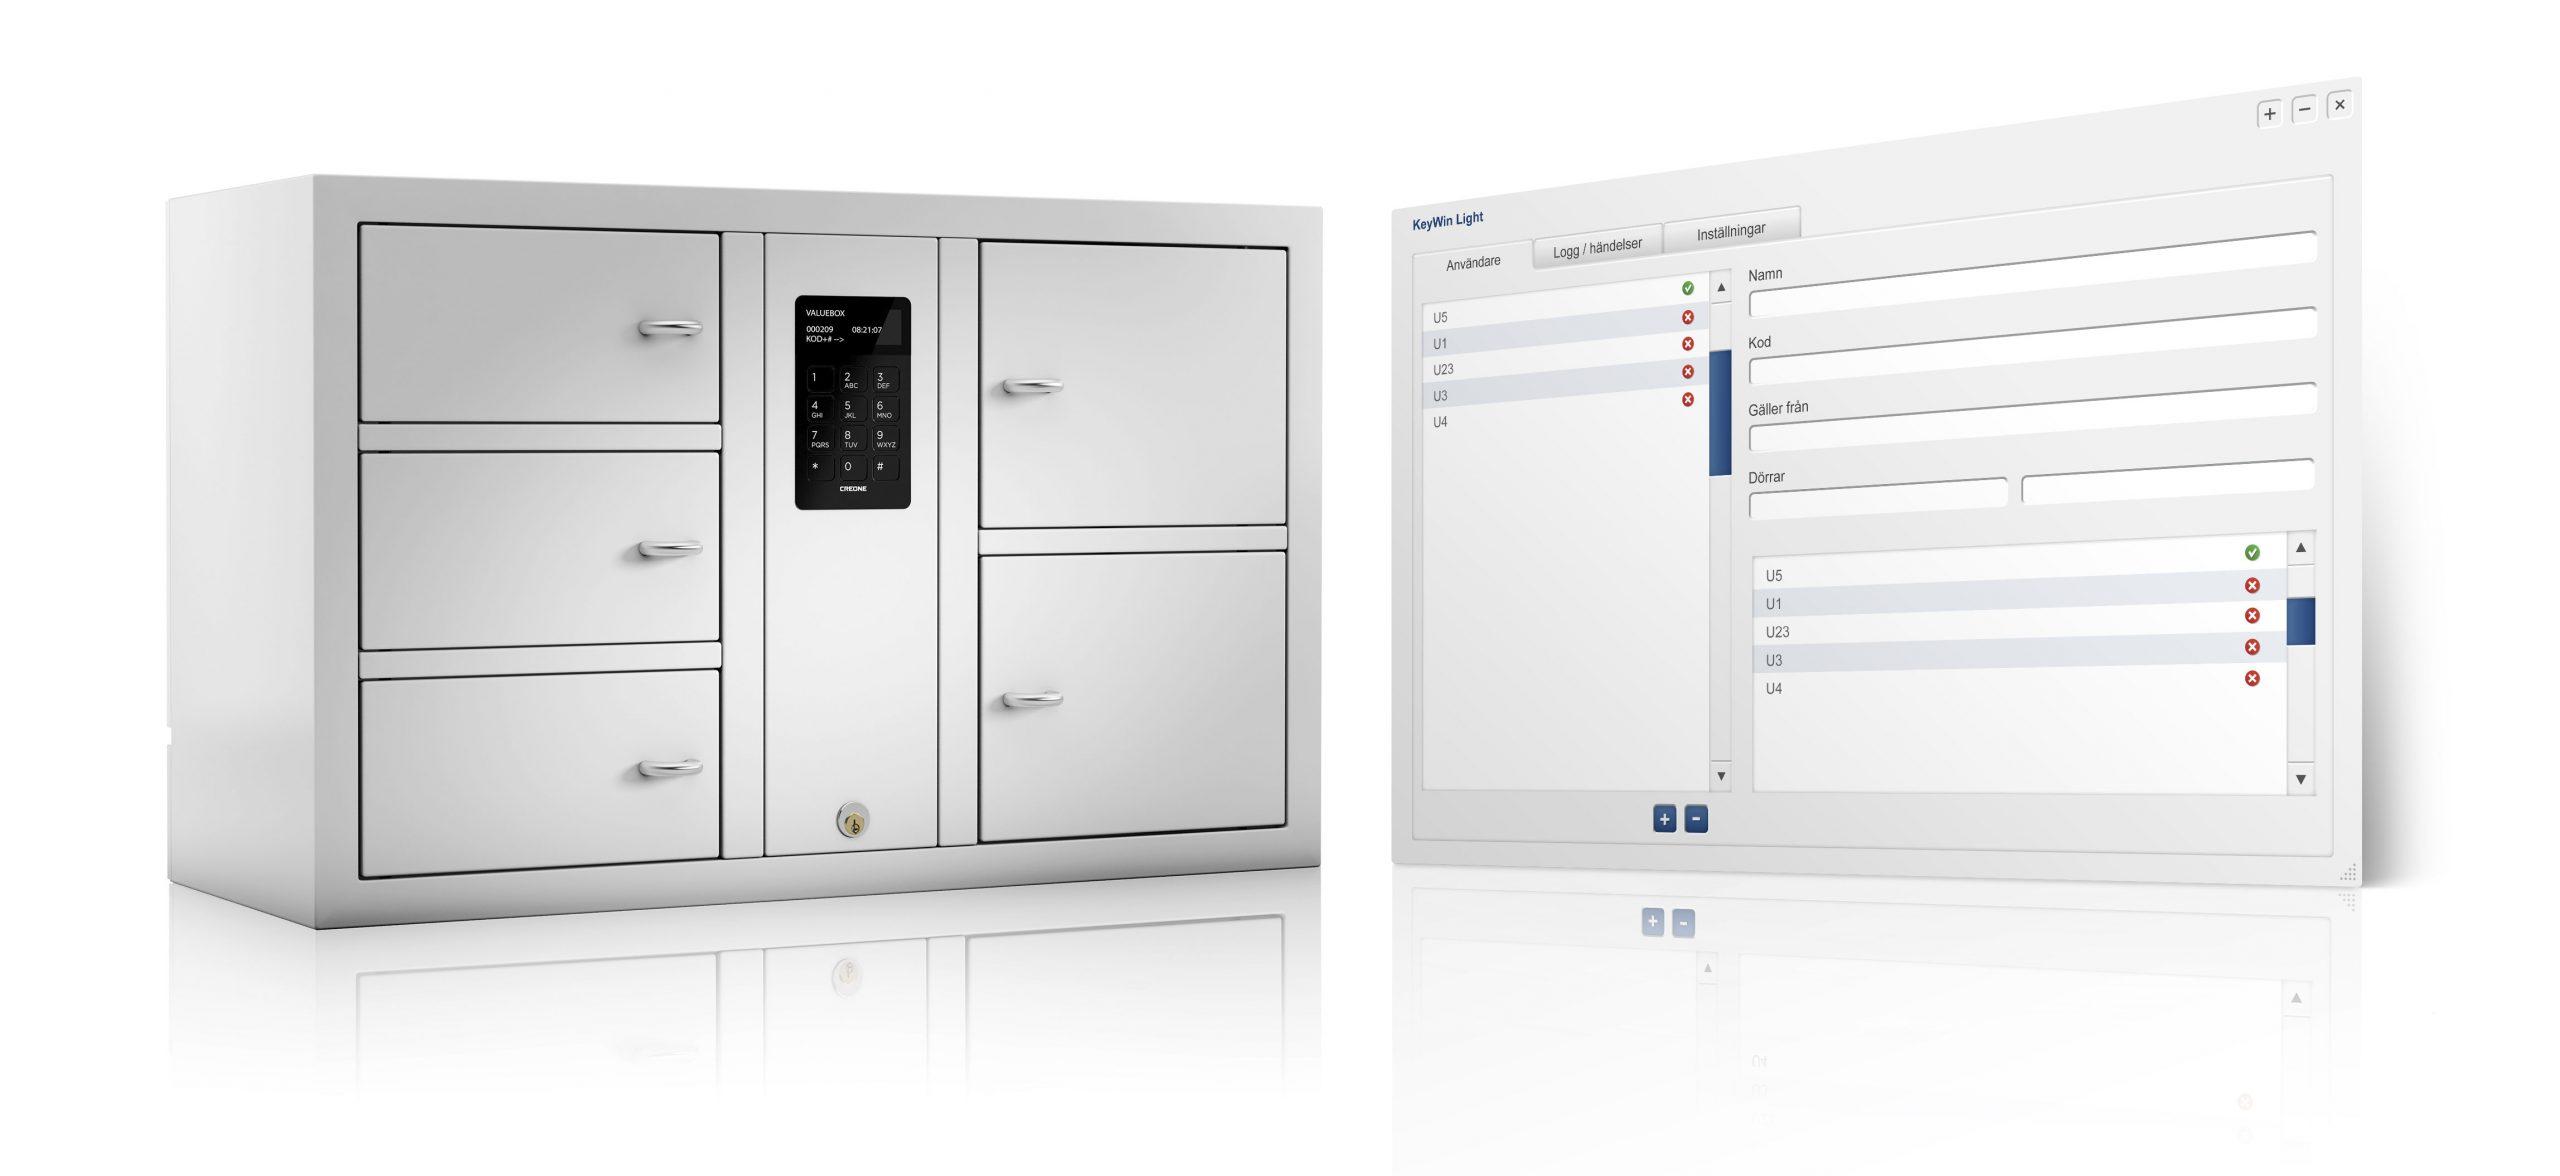 Wertsachenverwaltung mit dem ValueBox Wertschrank 7006 S mit der Software KeyWin Light